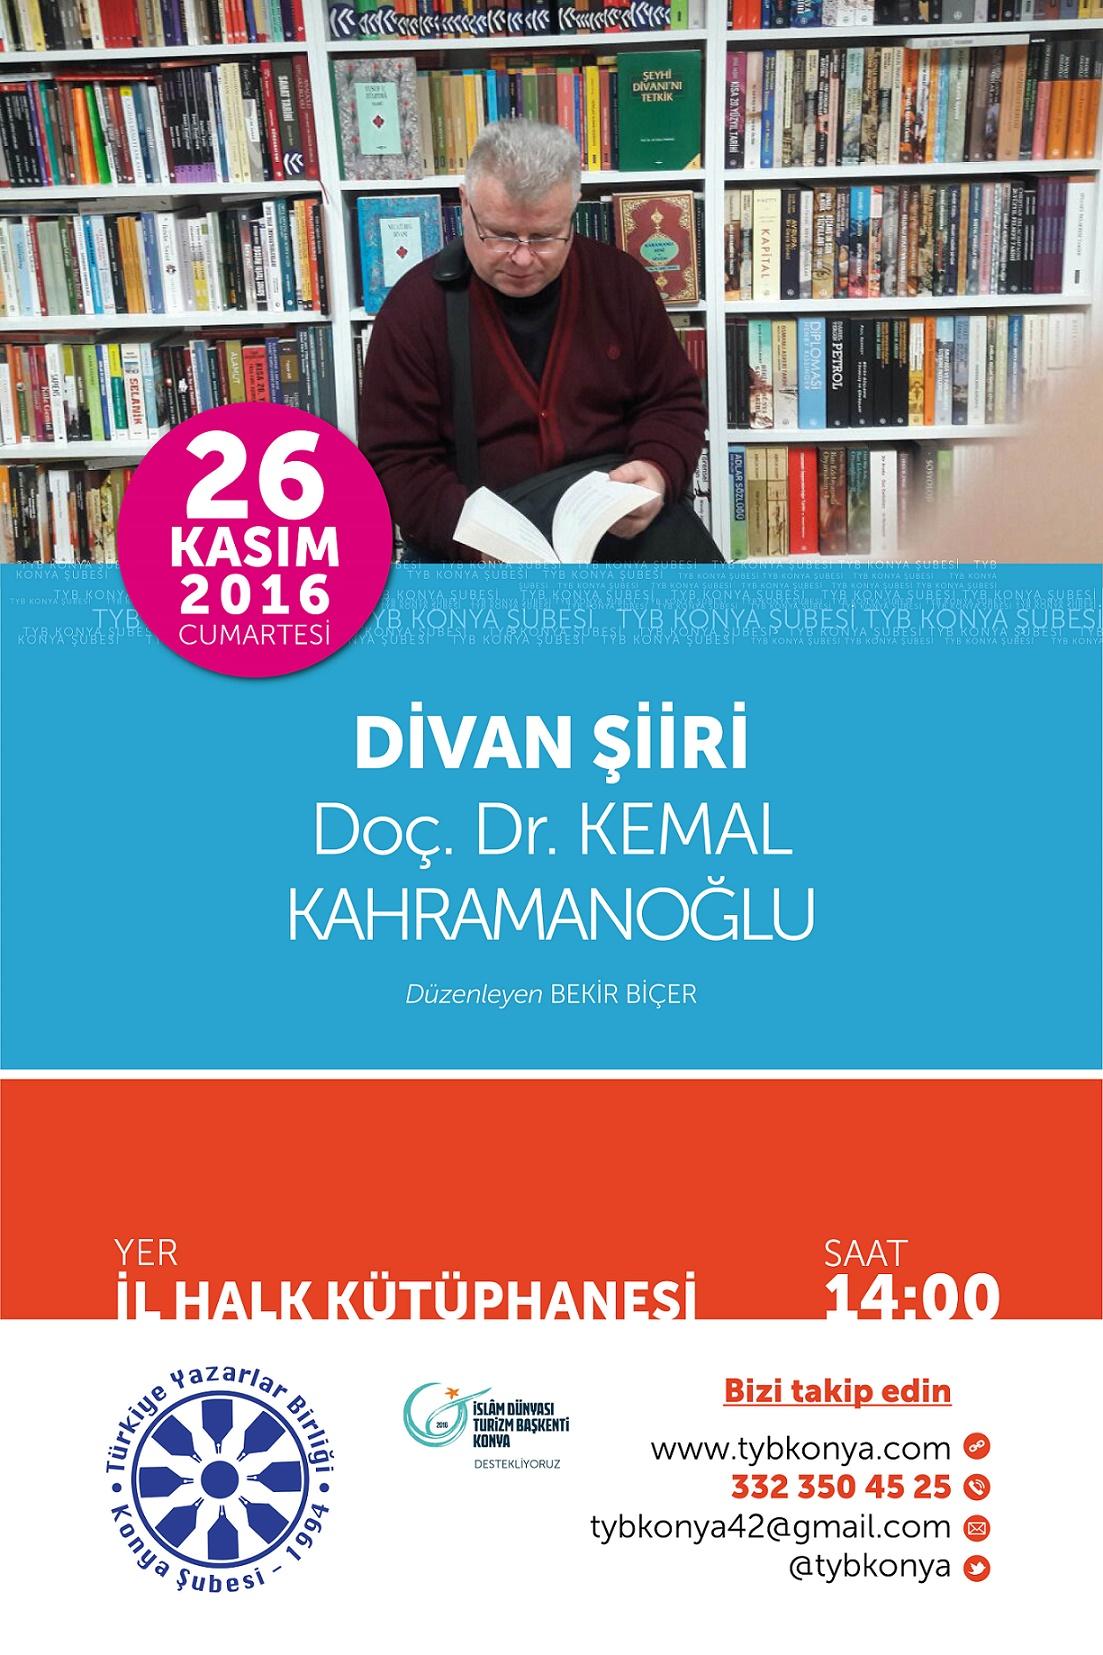 Konya'da Kemal Kahramanoğlu ile Divan Şiiri